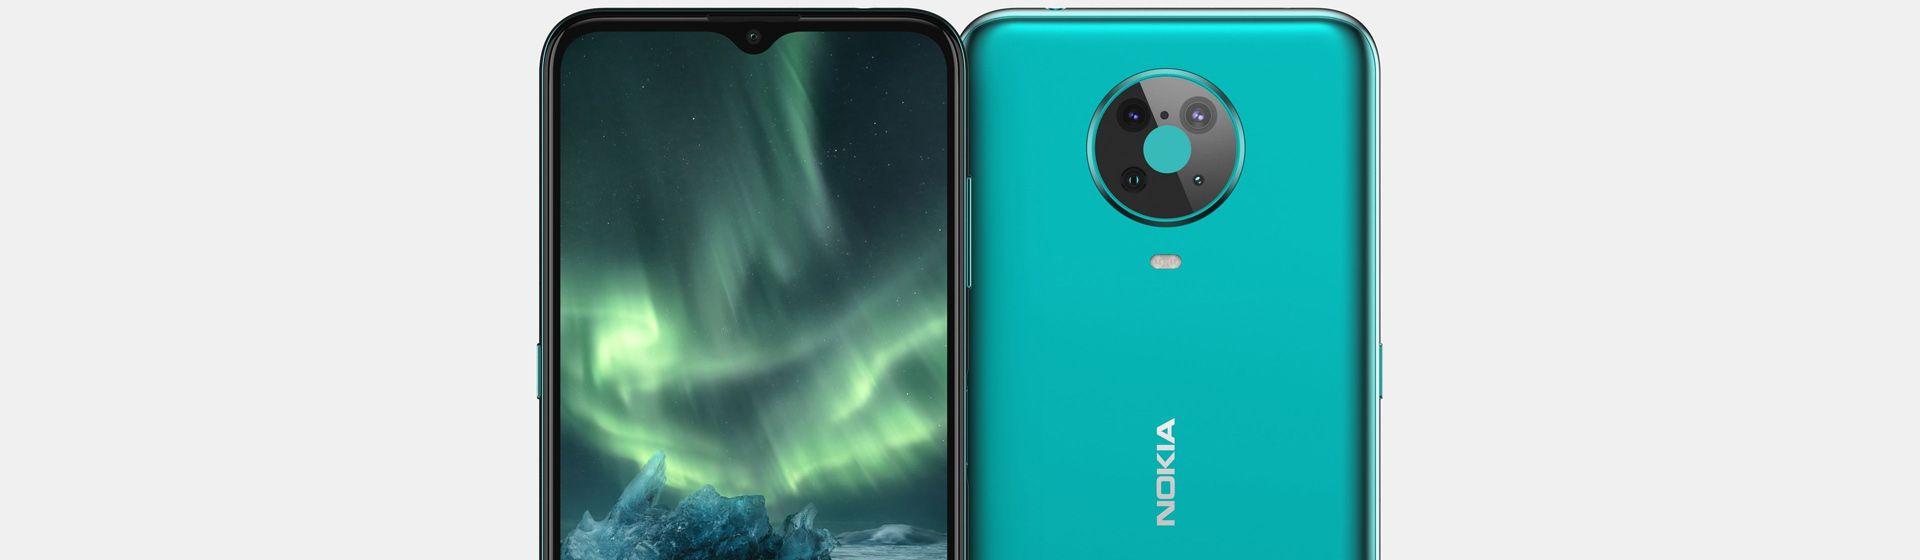 Possível design do Nokia 6.4 é vazado e mostra semelhança com modelo anterior